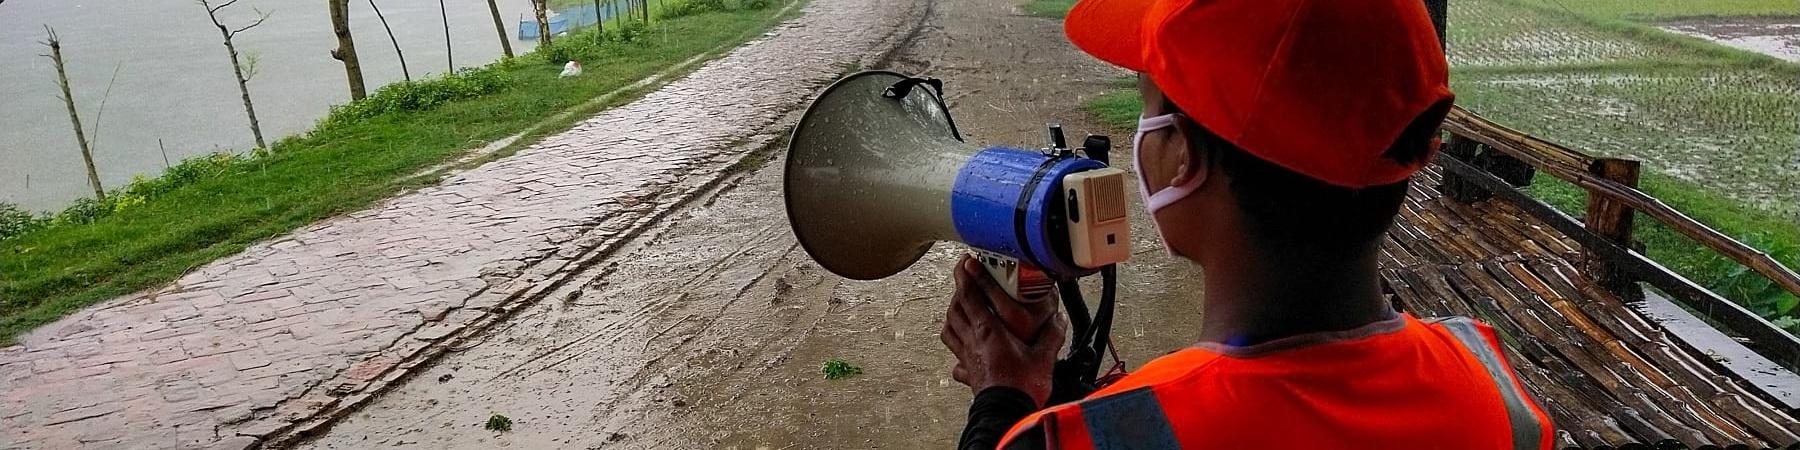 Operatore di spalle con megafono in mano